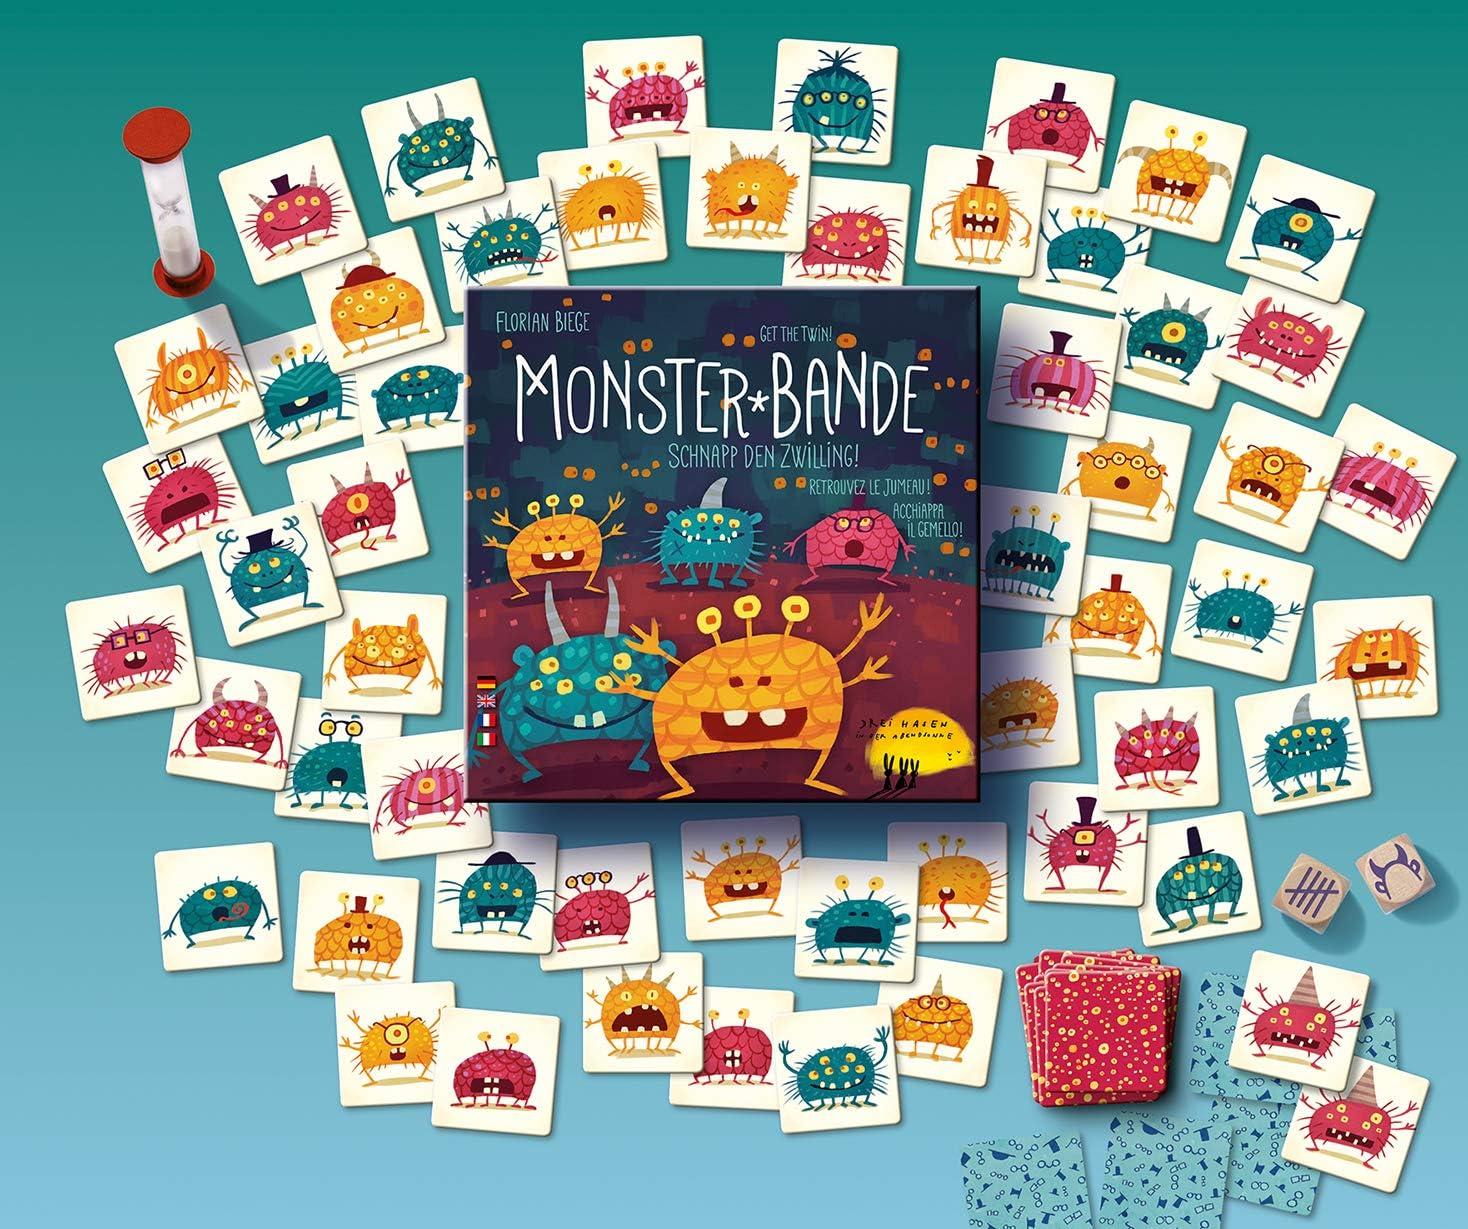 Monster-Bande: Schnapp den Zwilling!: Amazon.es: Juguetes y juegos